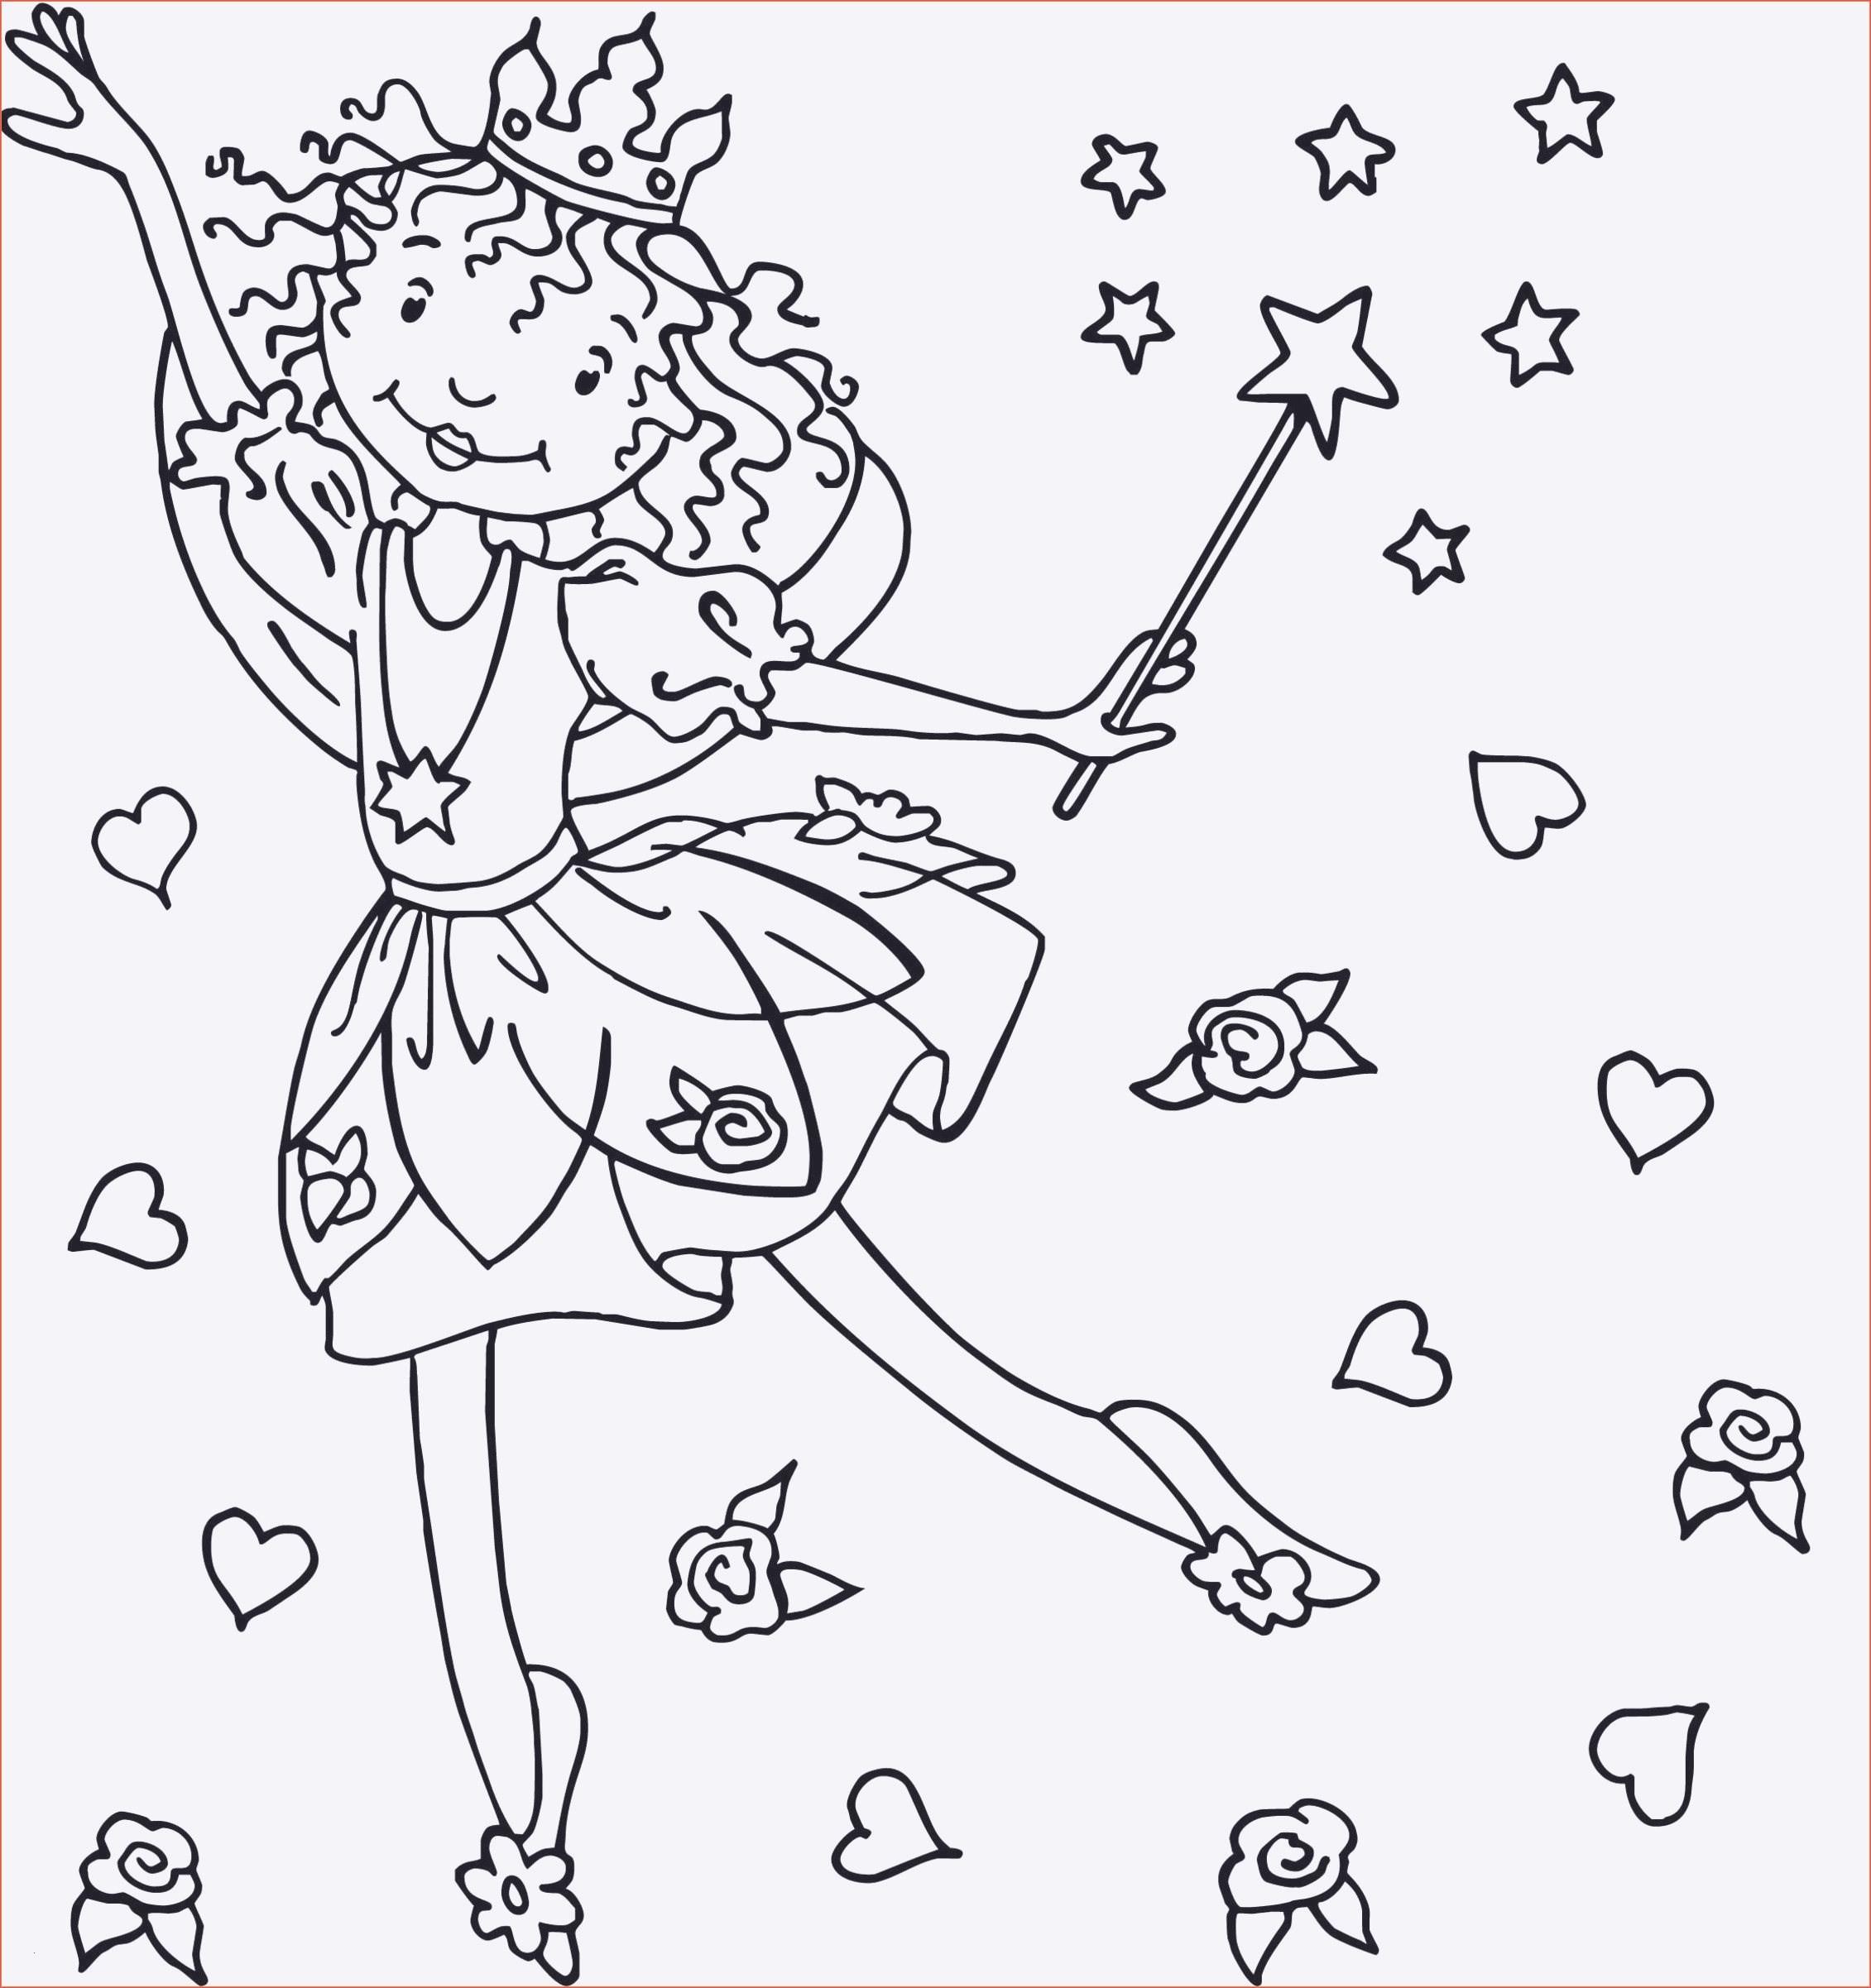 Anime Girl Ausmalbilder Genial Ausmalbilder Anime Engel Genial Nice Brilliant Anime Girl Coloring Fotografieren